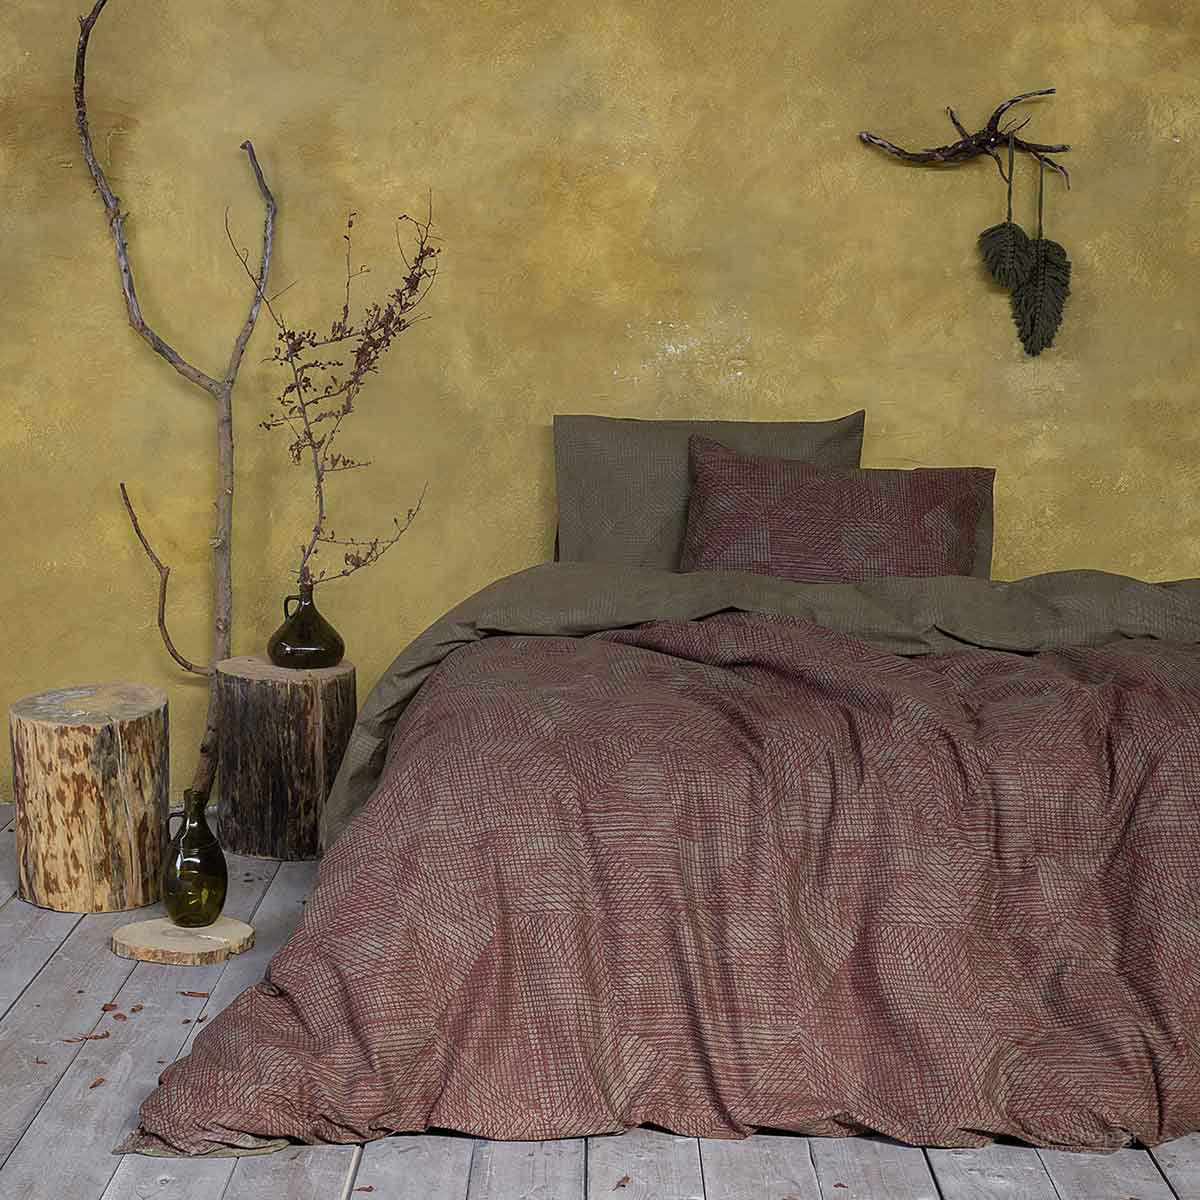 Σεντόνια King Size (Σετ) Nima Bed Linen Jayla Wine Red